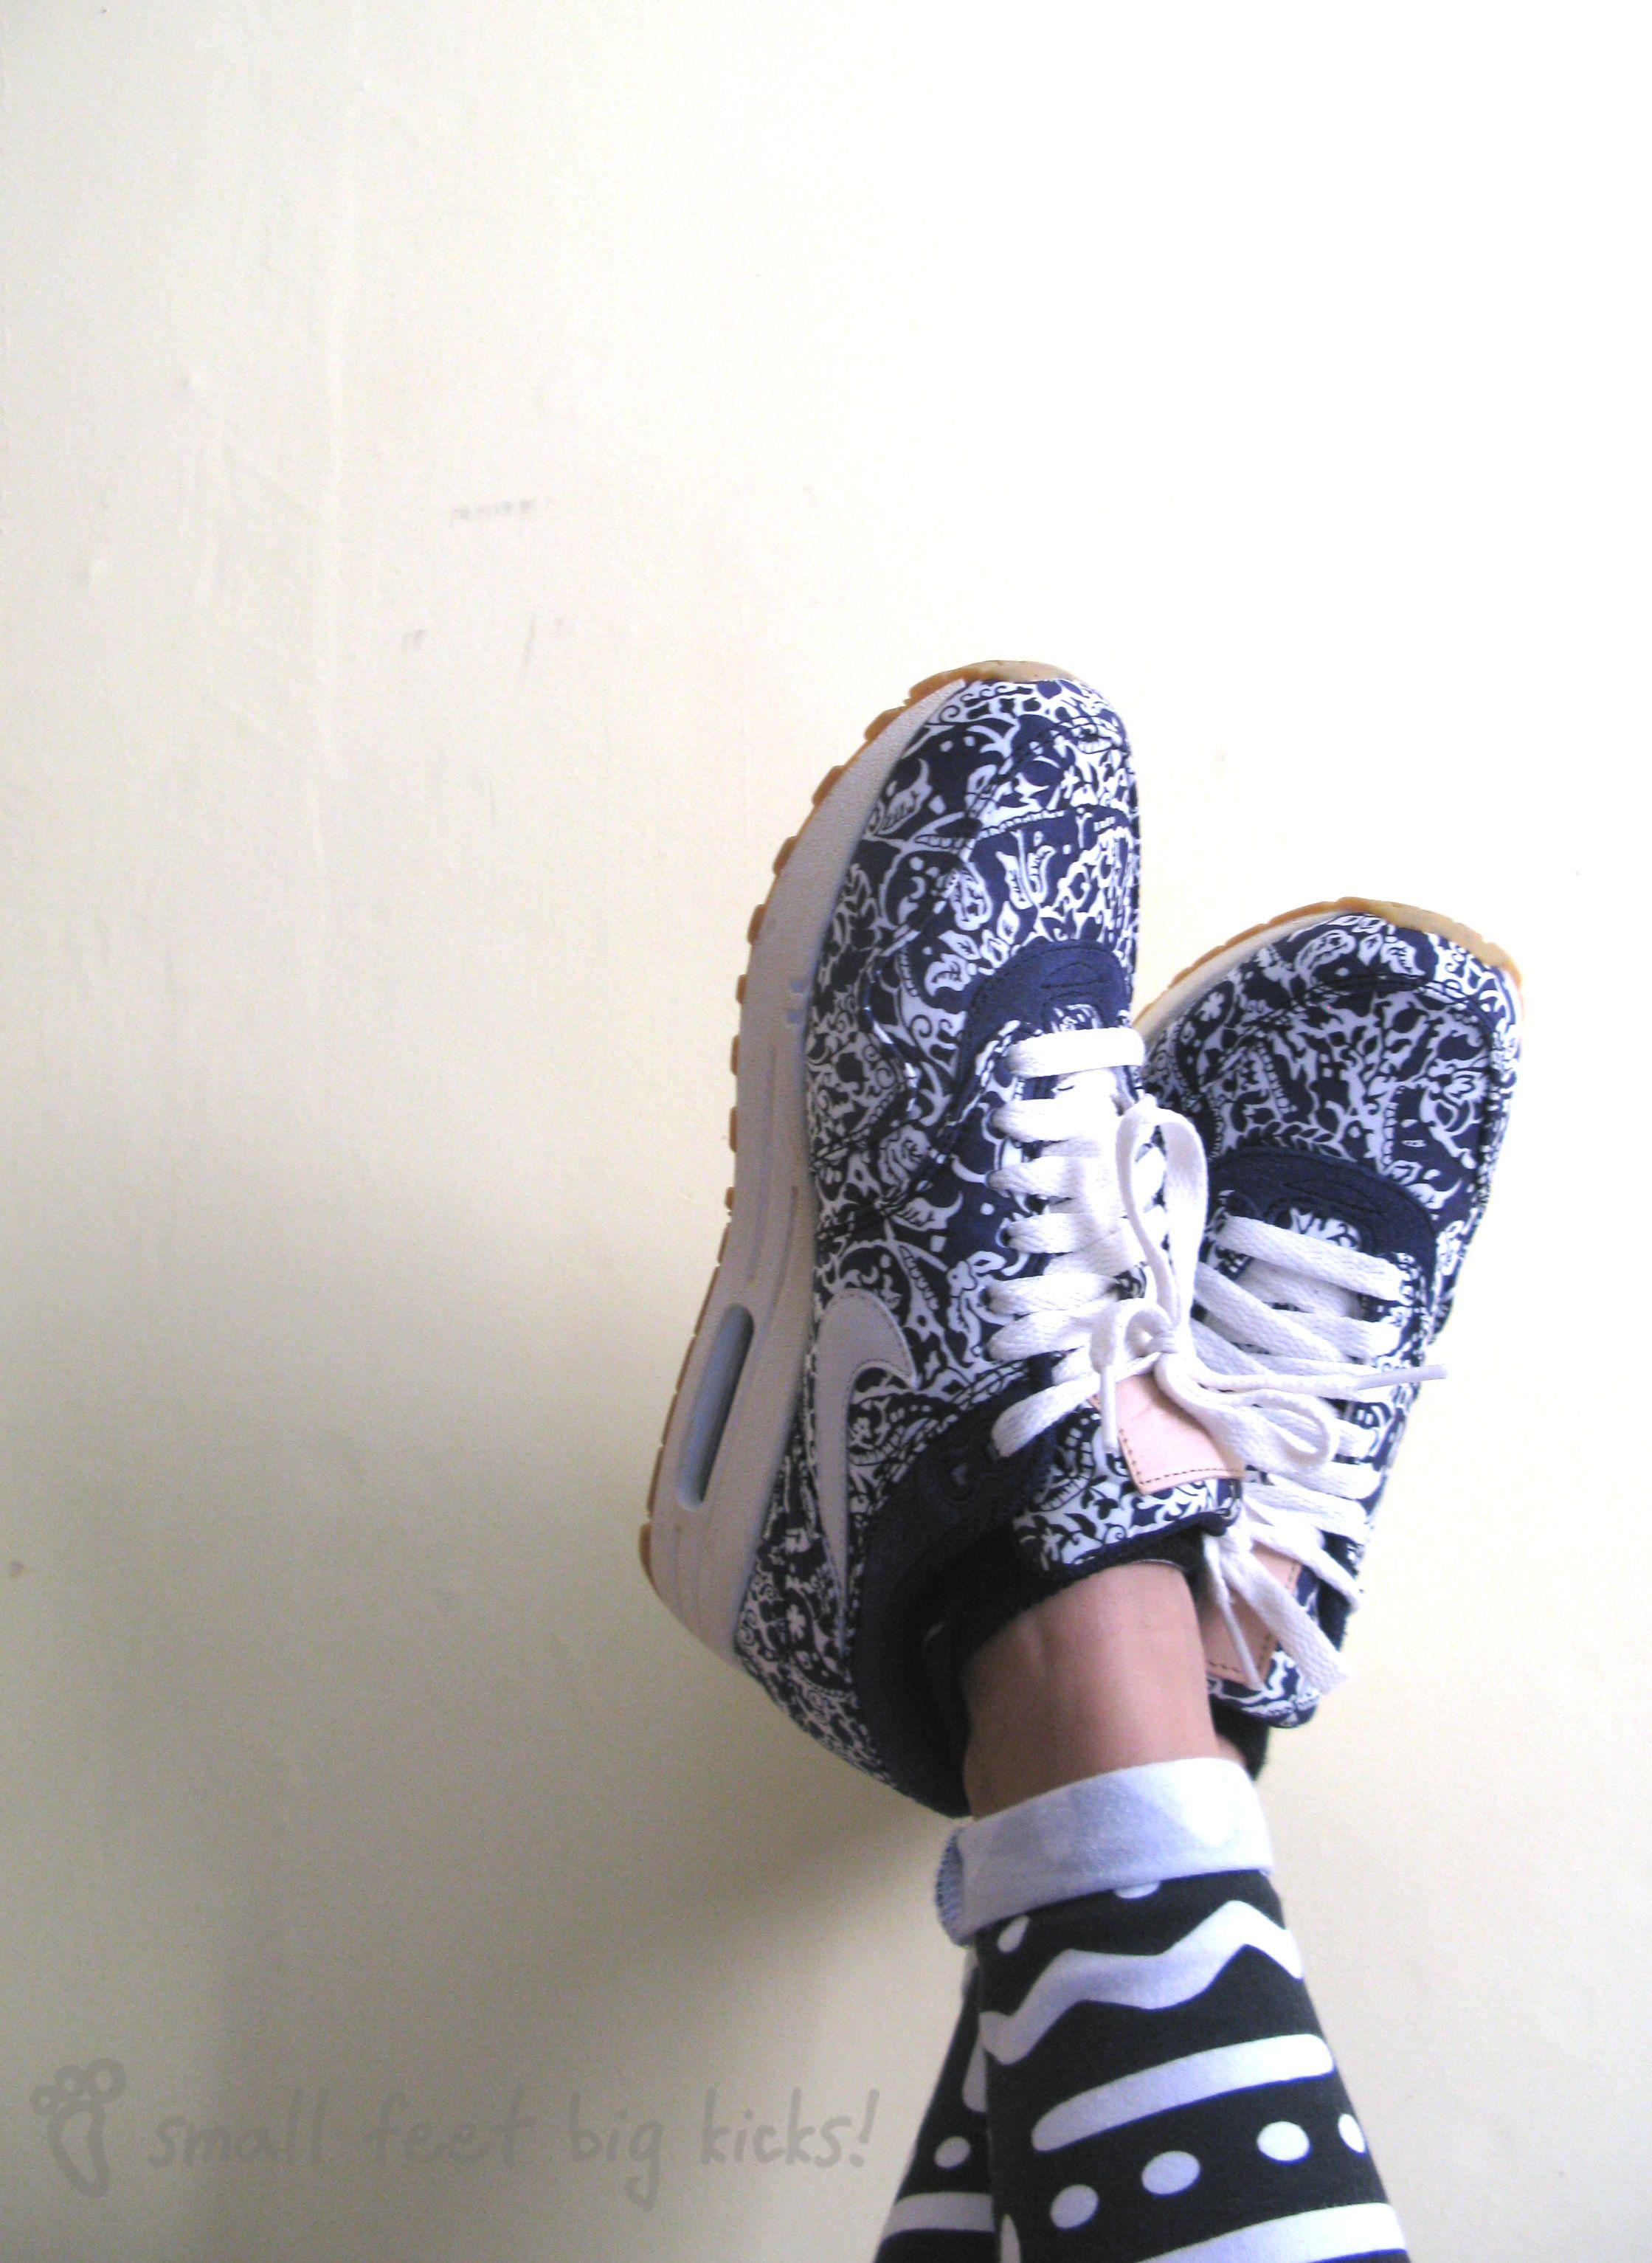 best sneakers ee2cb 1f1b3 Small Feet Big Kicks